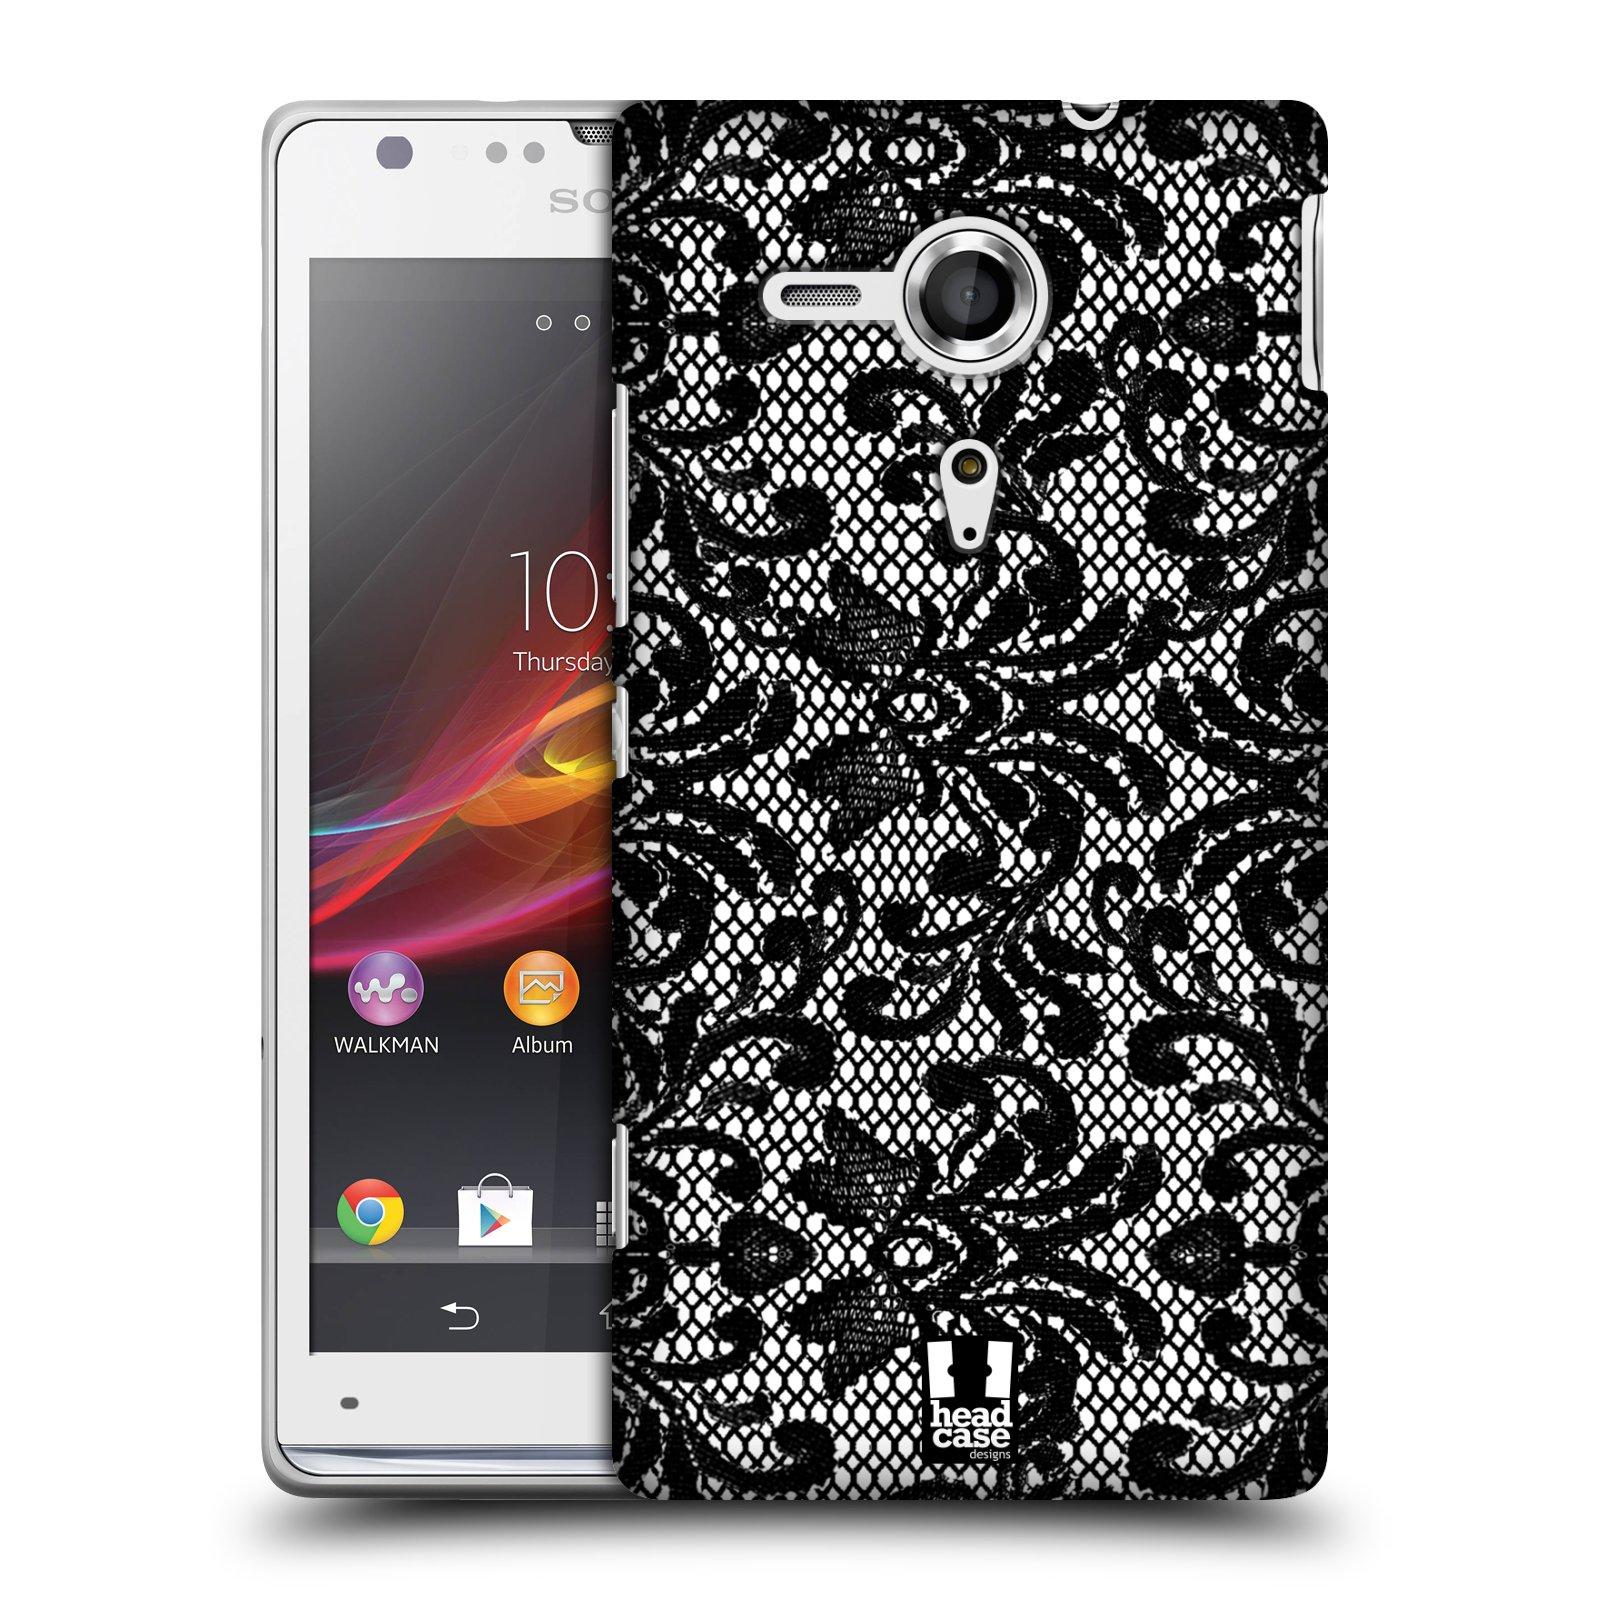 Plastové pouzdro na mobil Sony Xperia SP C5303 HEAD CASE KRAJKA (Kryt či obal na mobilní telefon Sony Xperia SP )